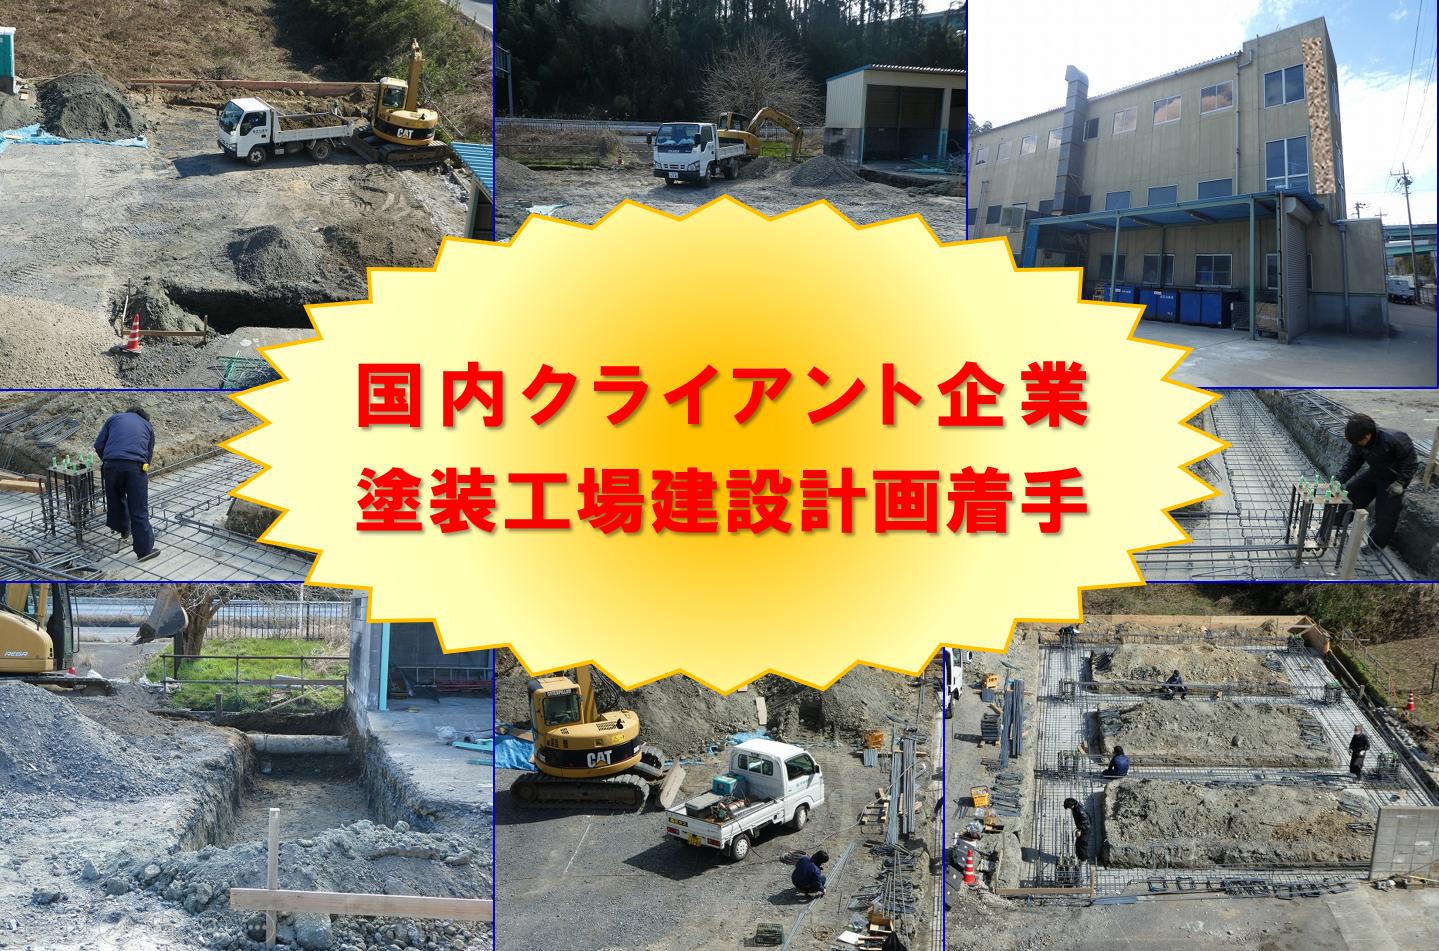 20_02_27_国内クライアント企業_塗装工場建設計画着手_AA